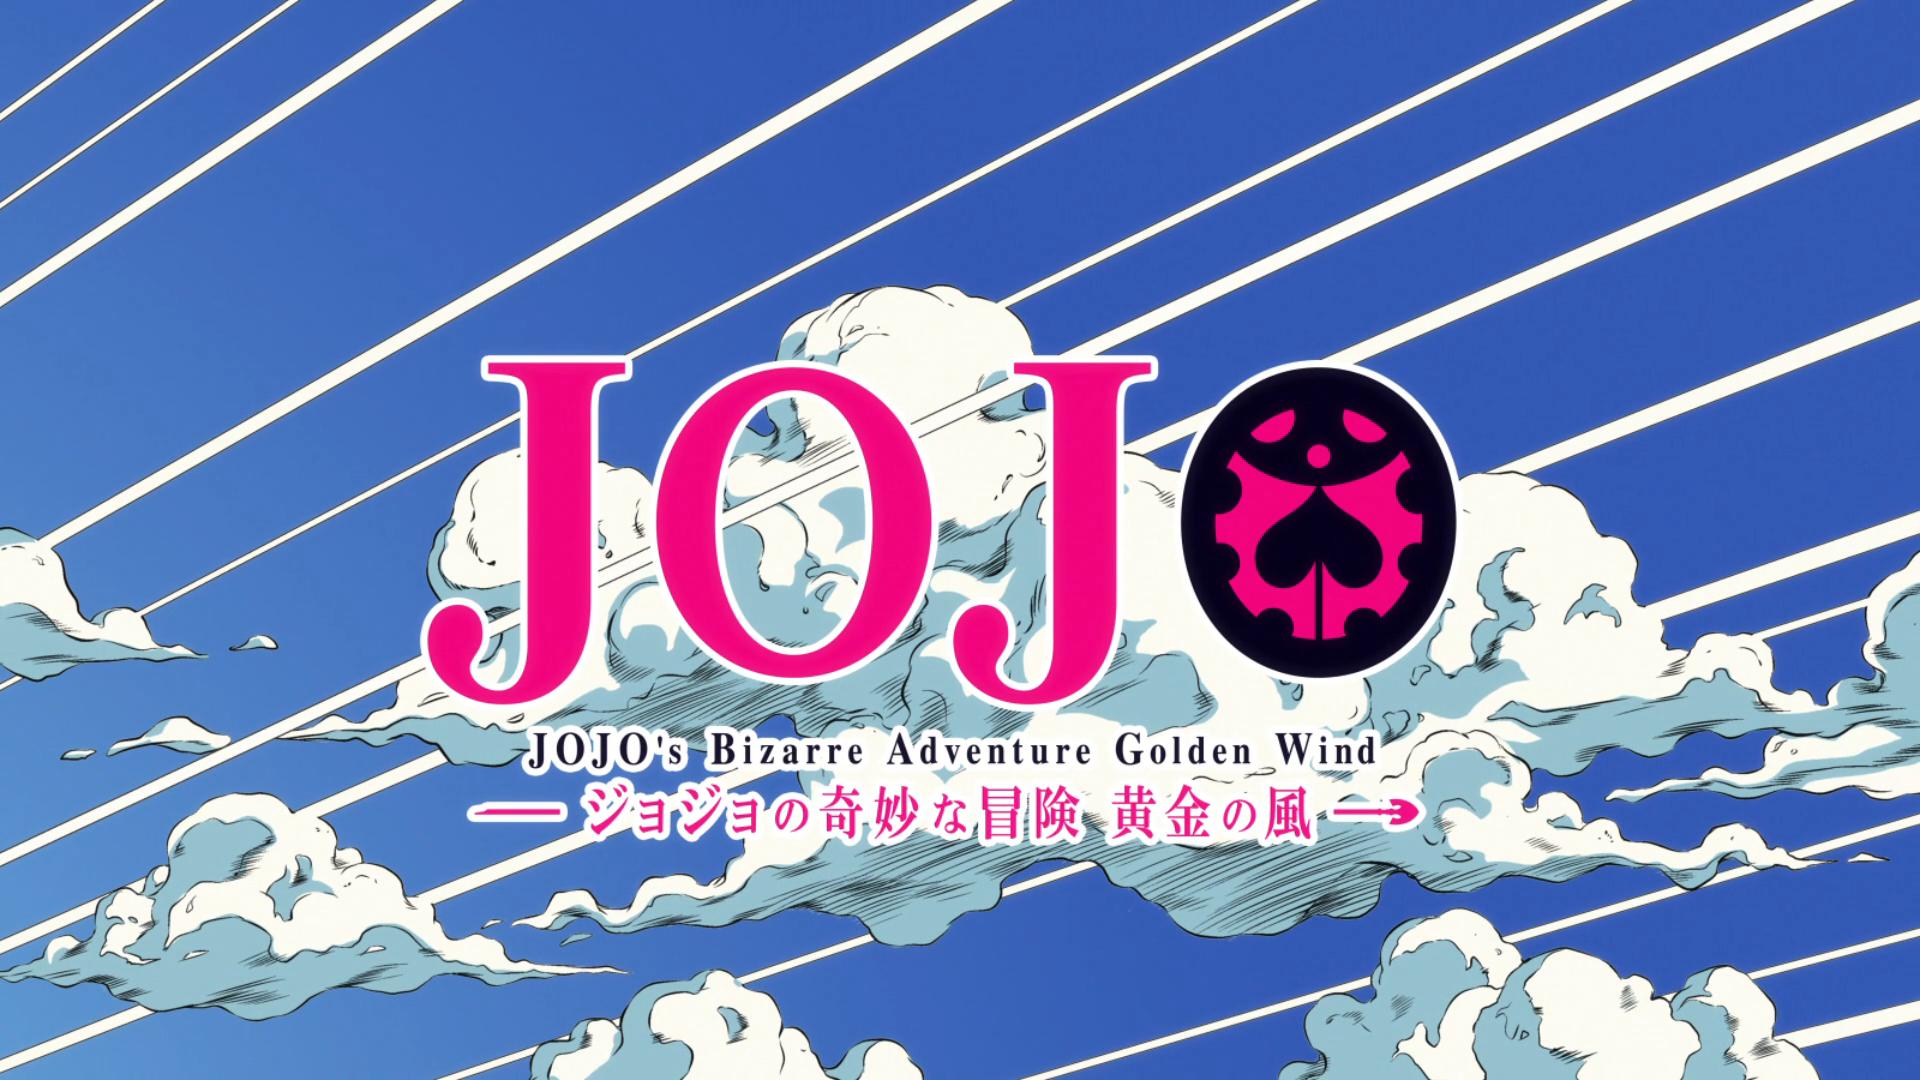 Jojos Bizarre Adventure Golden Wind Logo Opening 2 HD Wallpaper 1920x1080